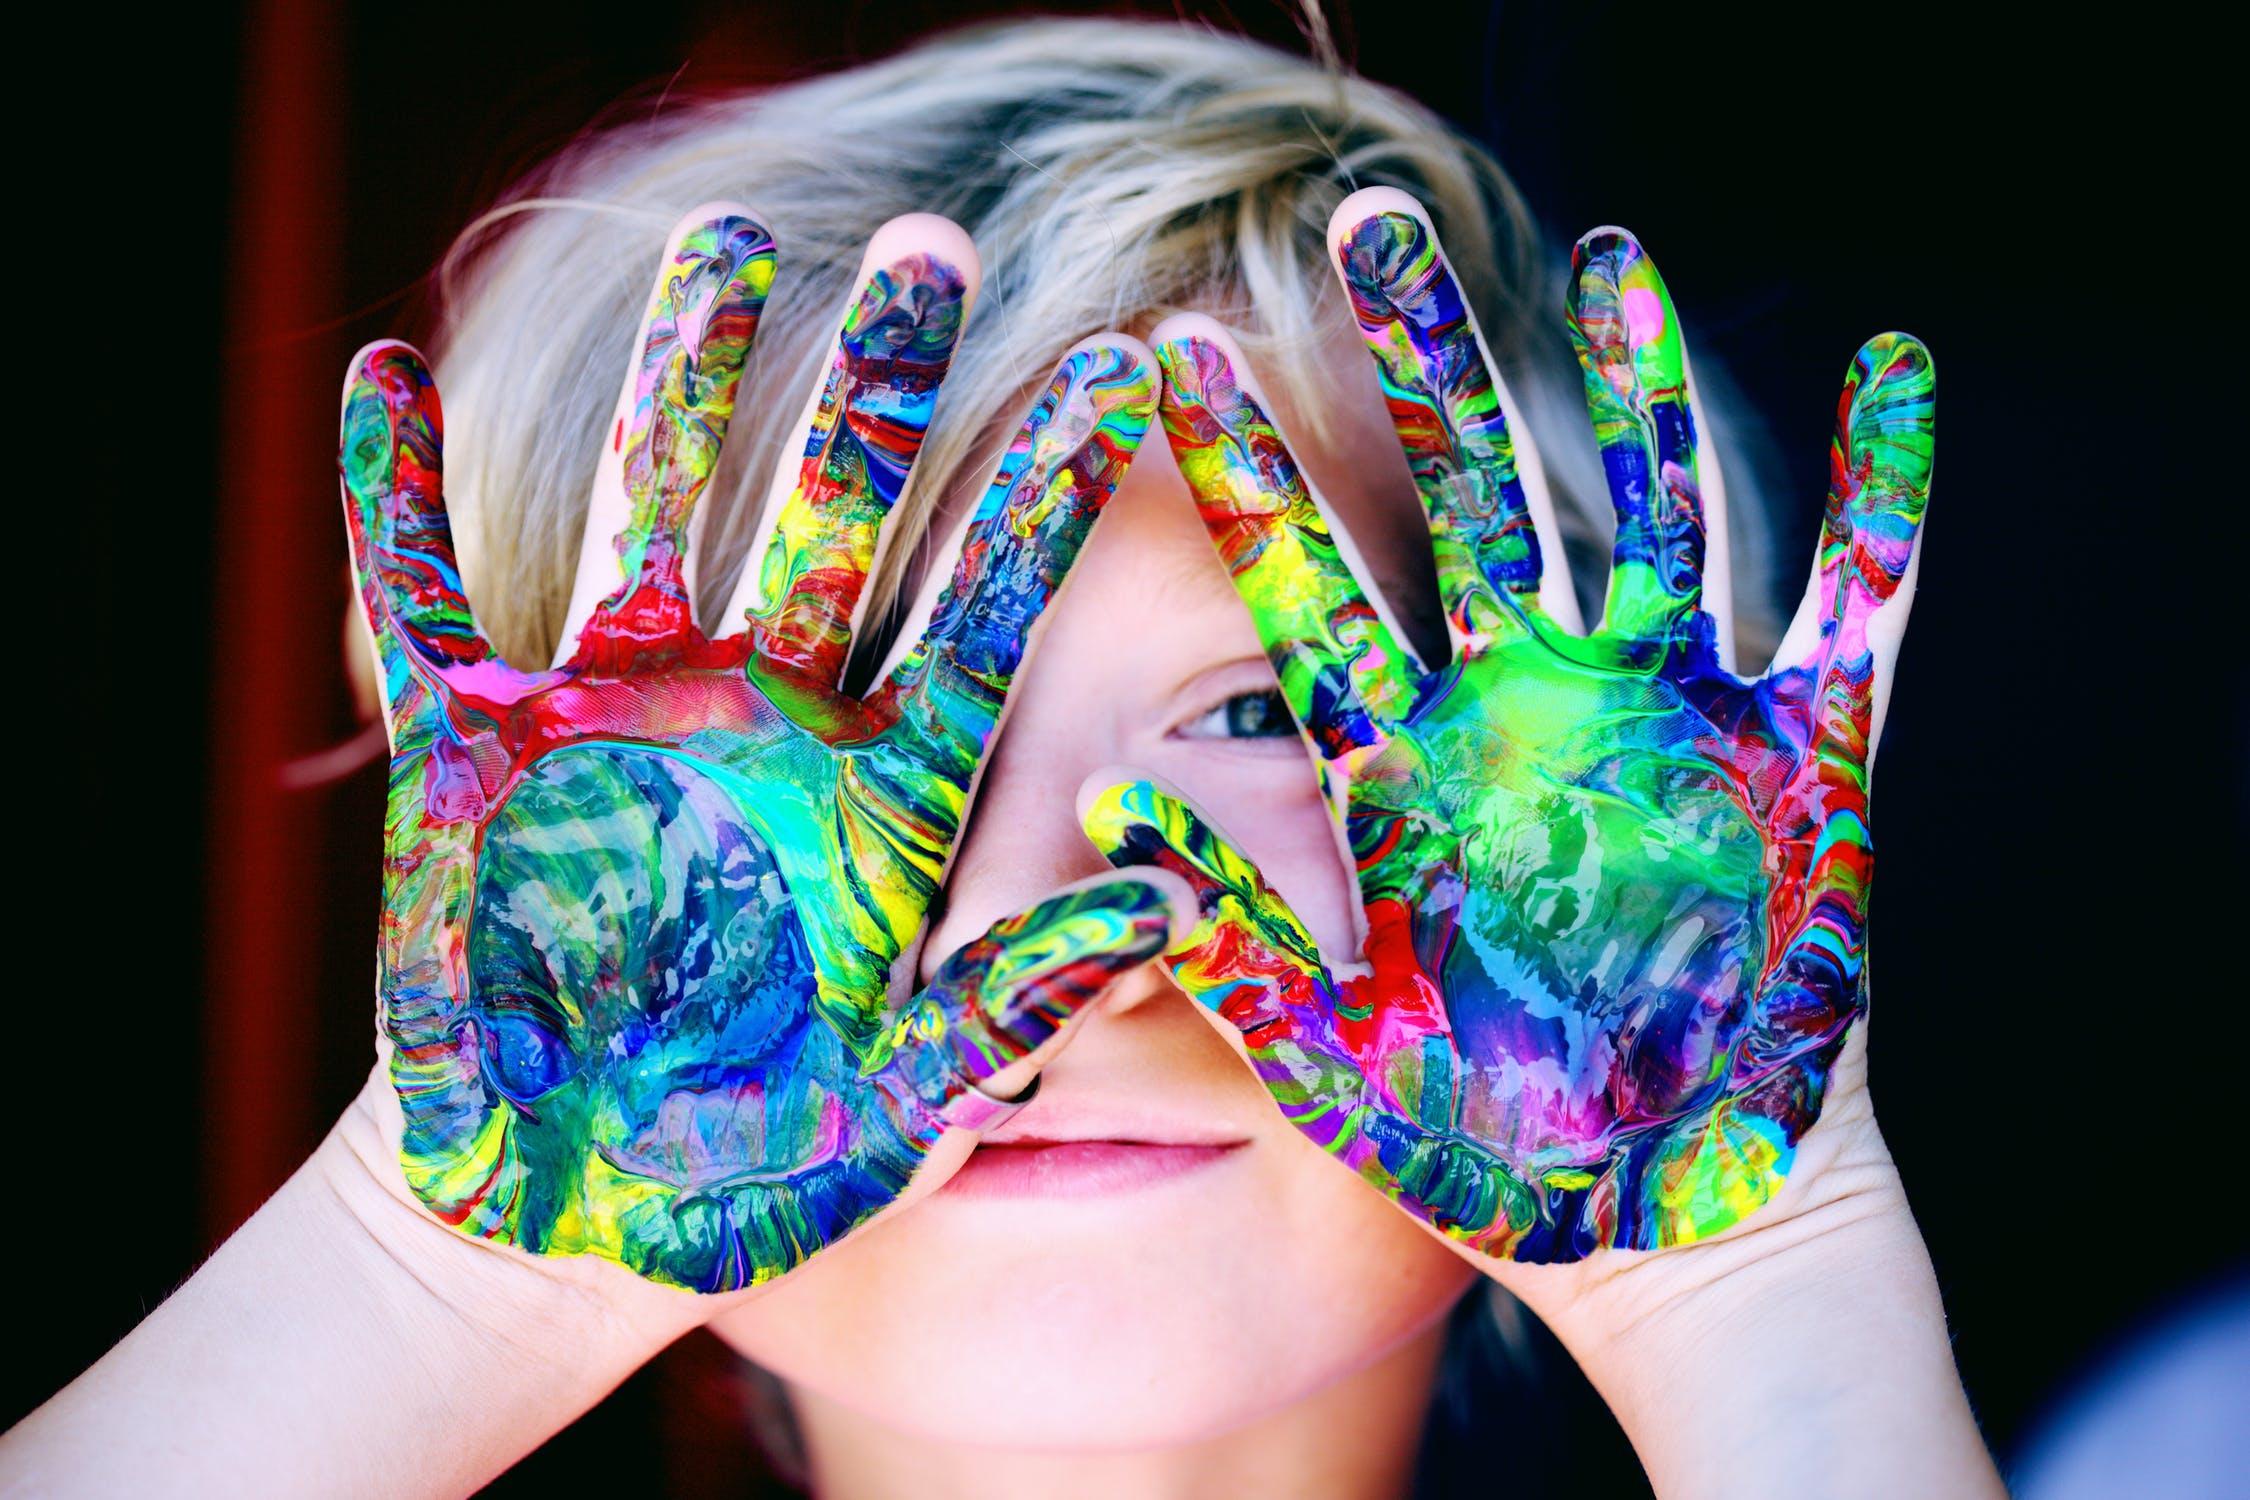 Cum își descoperă copiii pasiunile și talentele prin joc